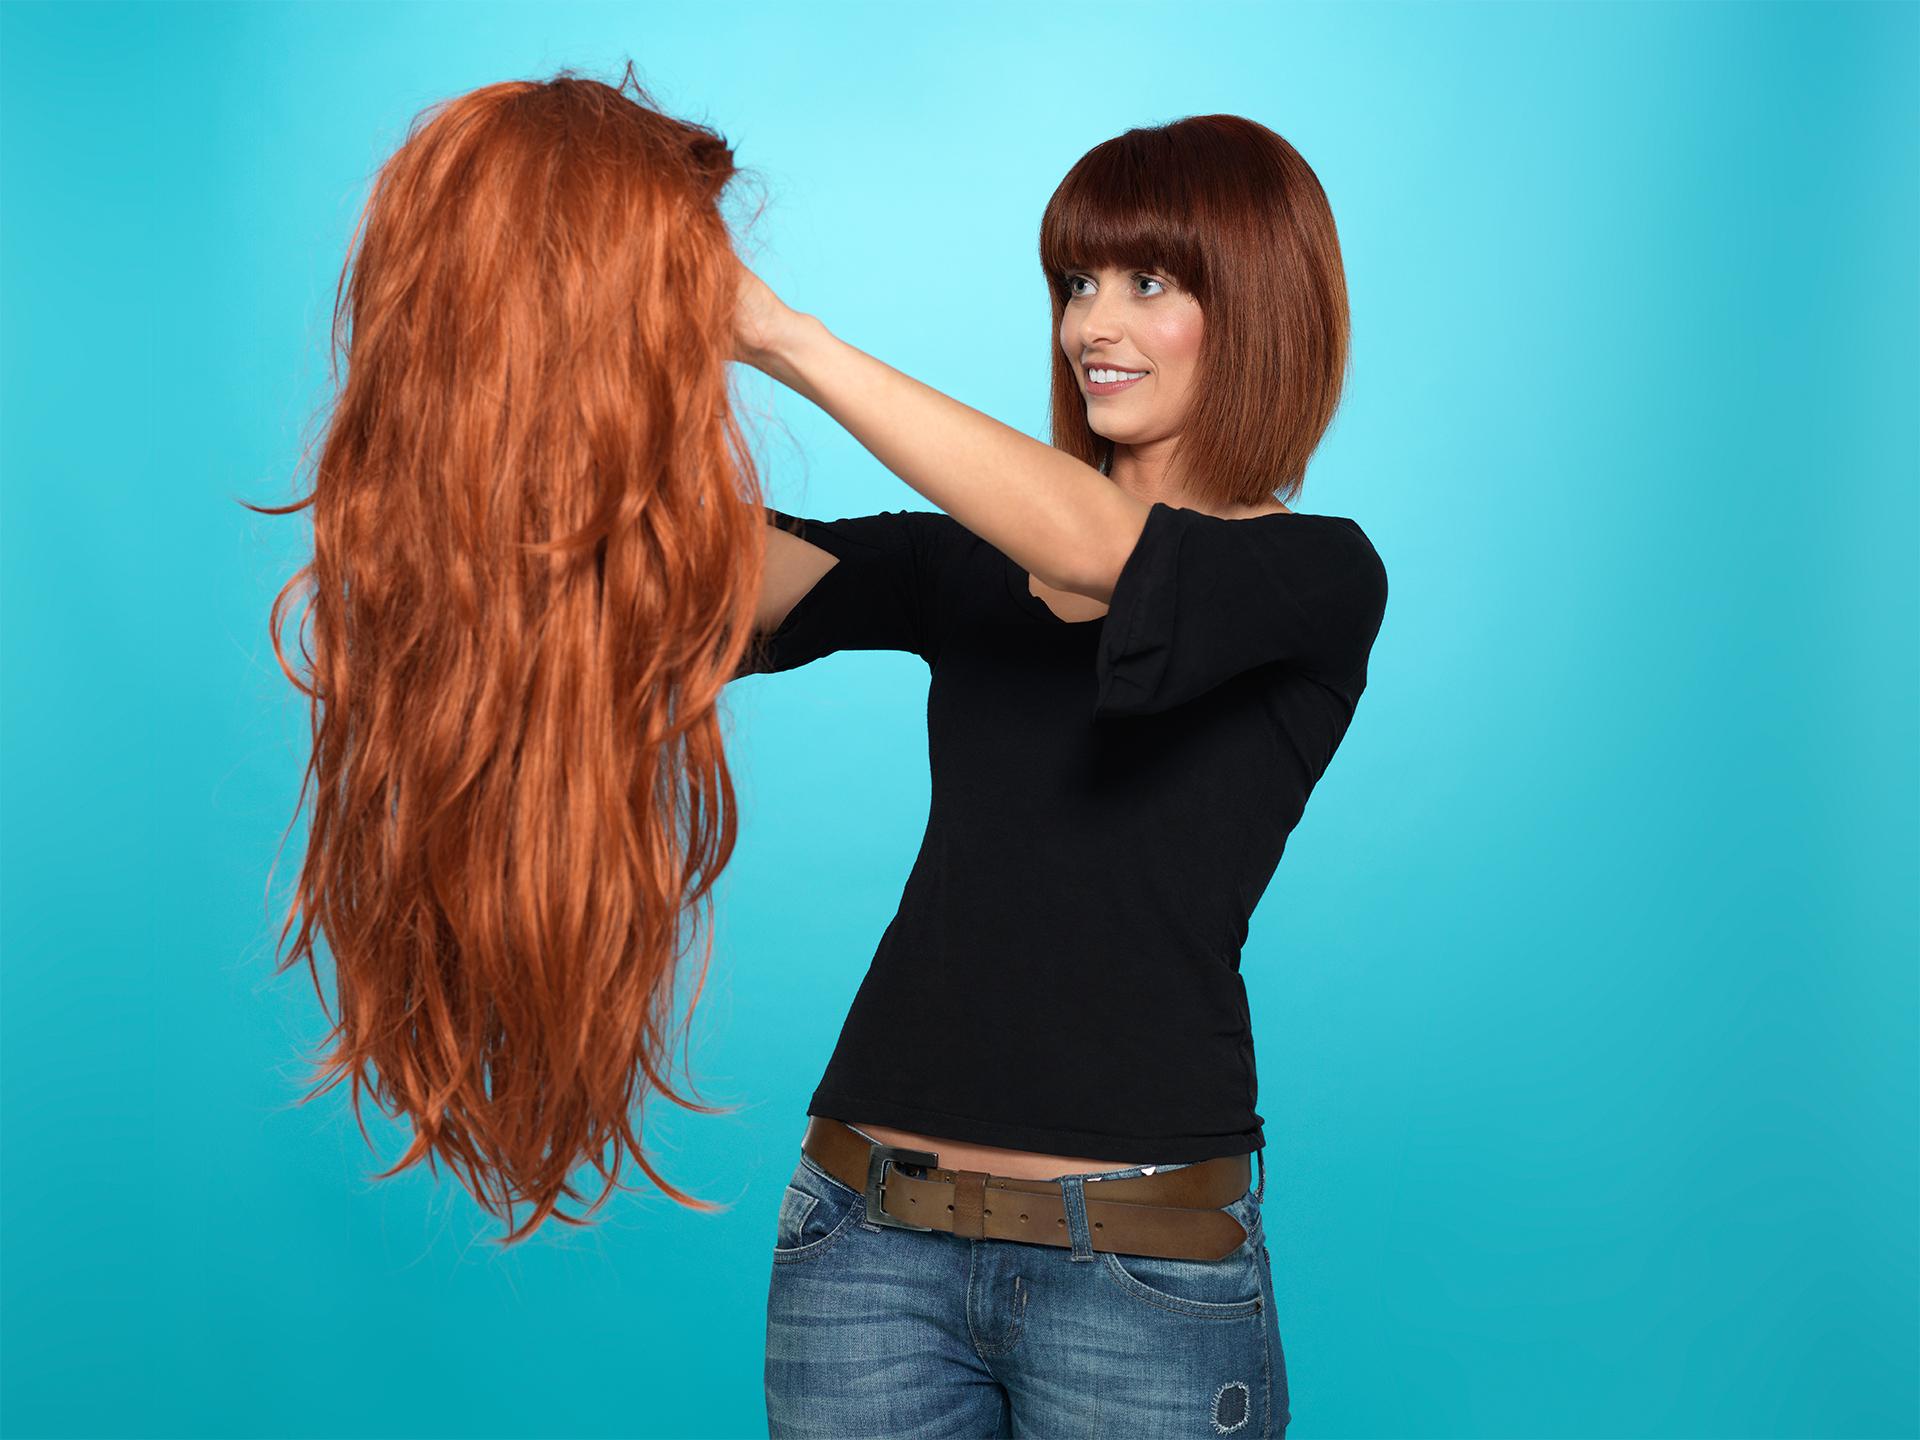 pretty woman admiring long hair wig